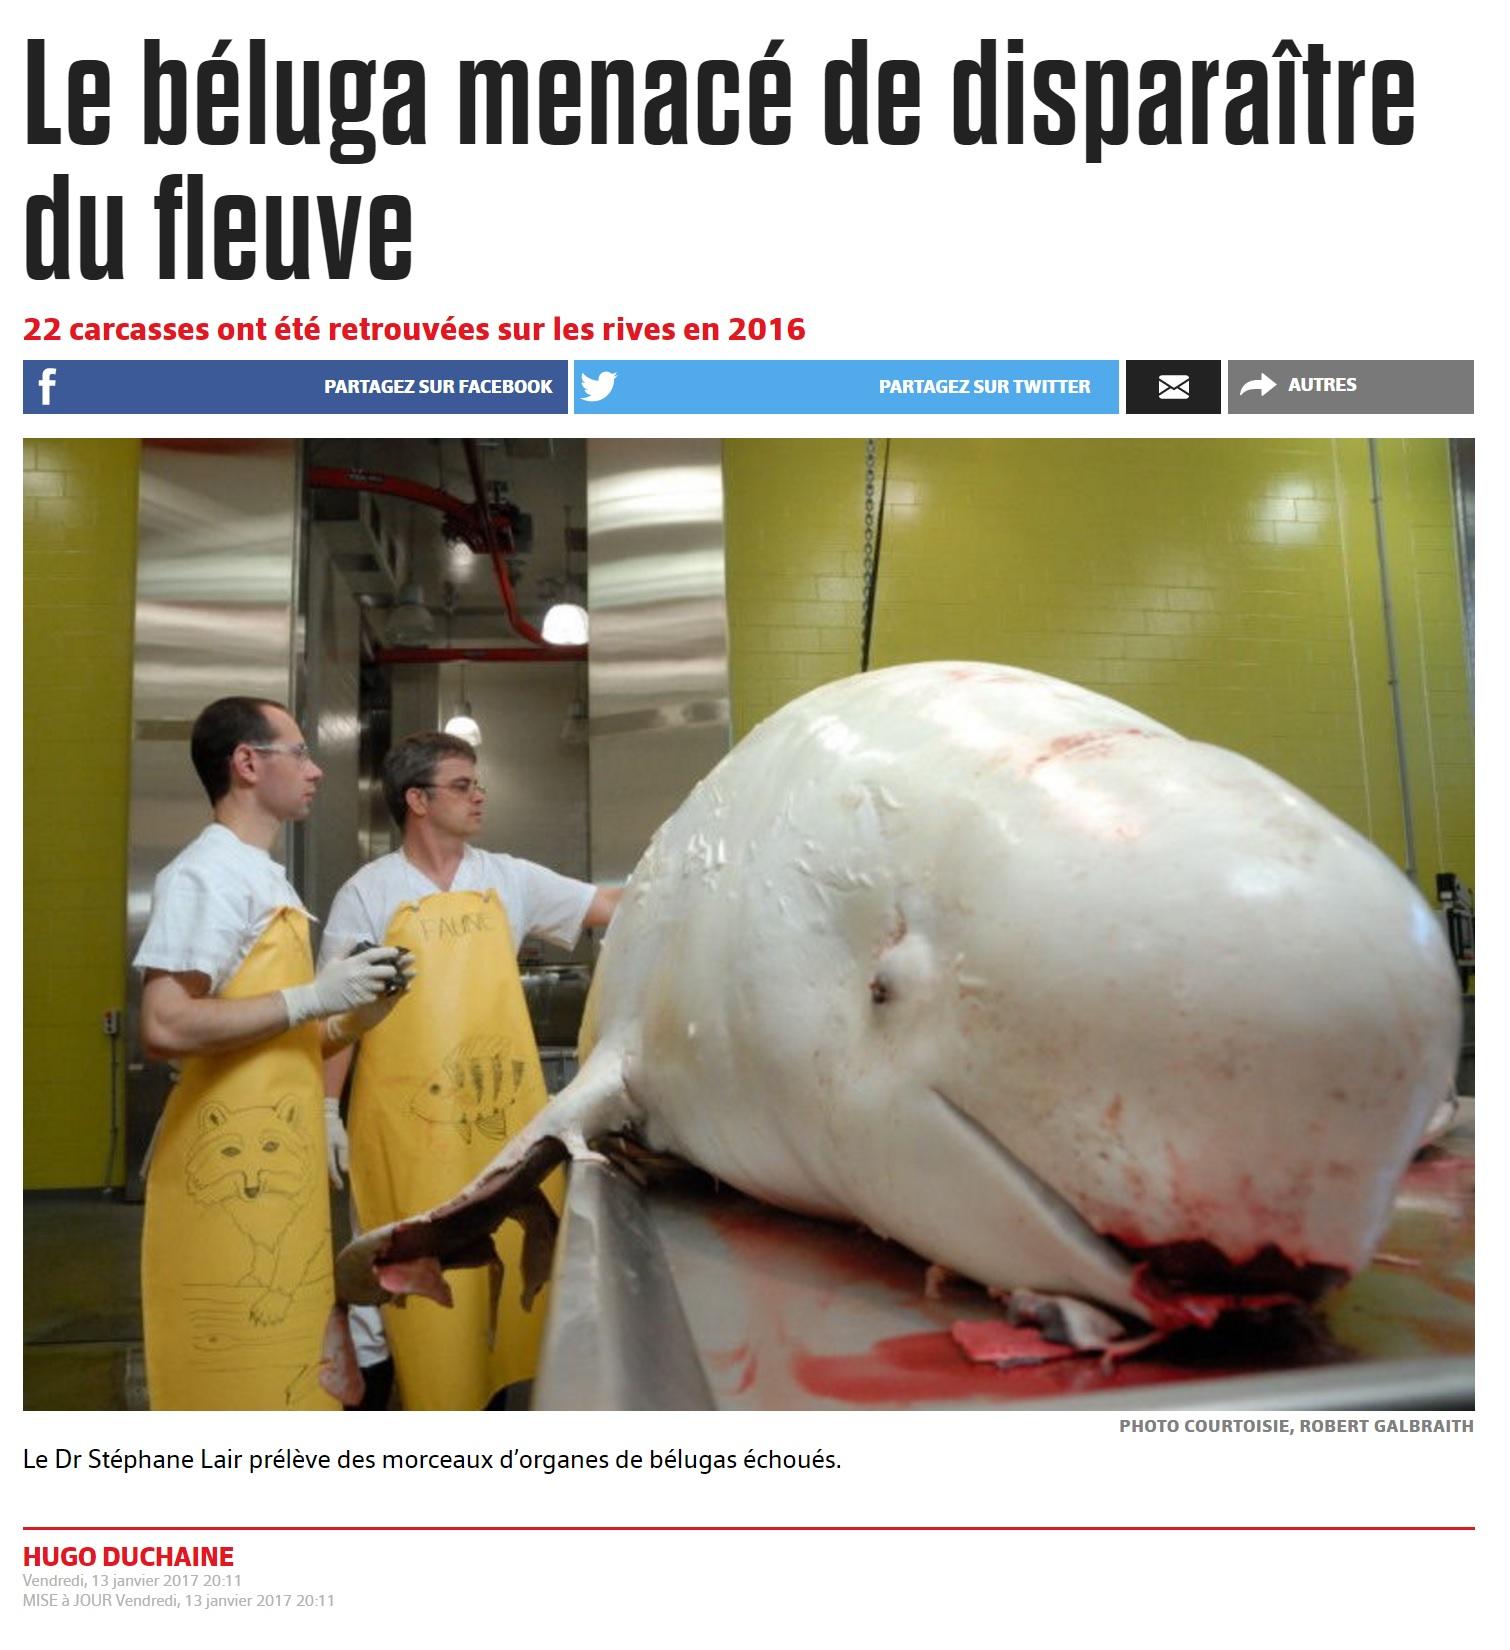 Beluga menacé